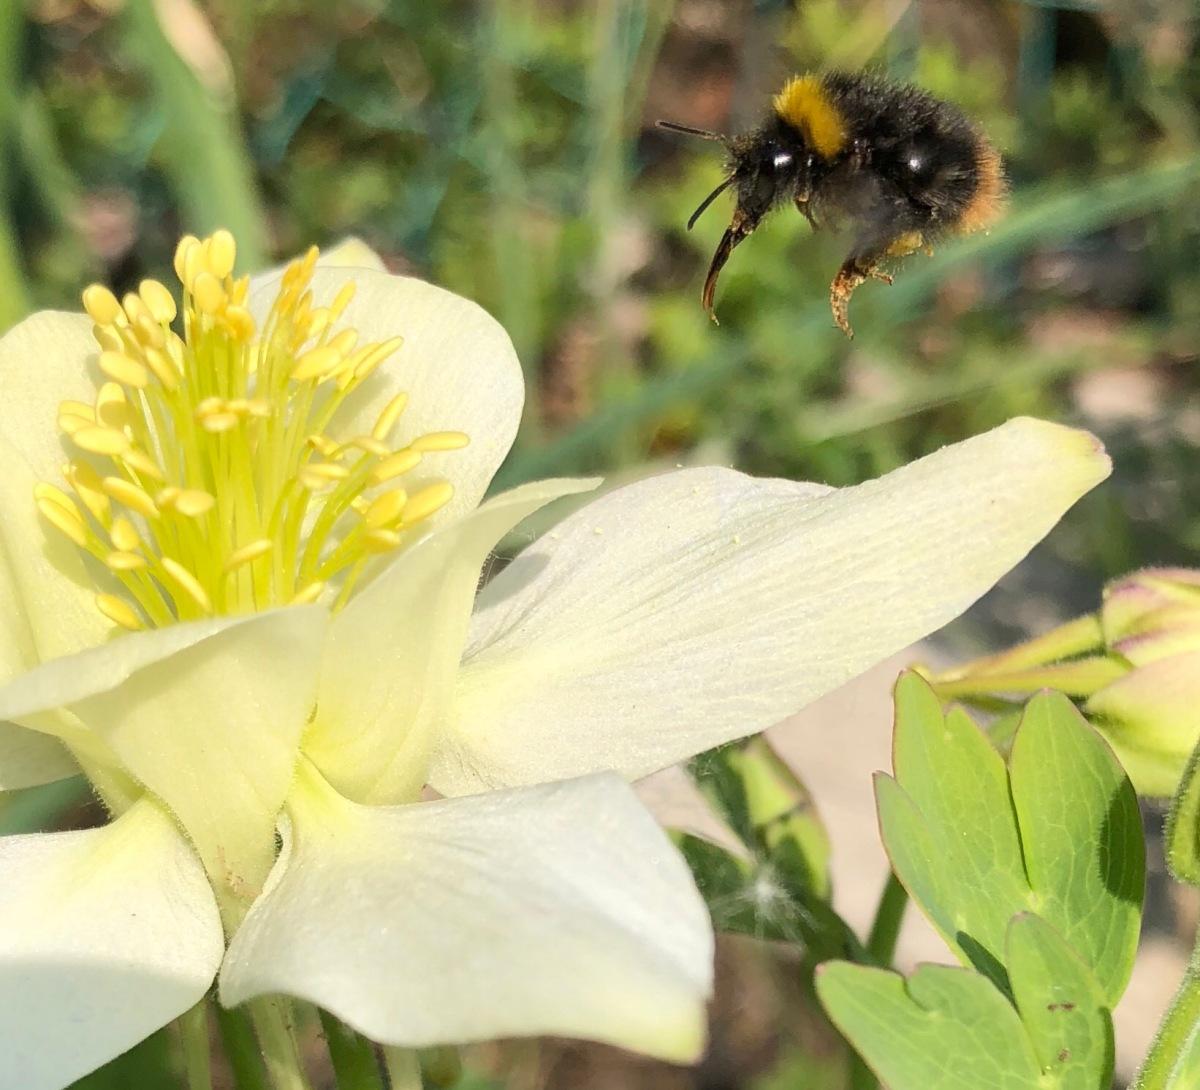 Mein wilder Garten - ein Paradies für Insekten und Vögel